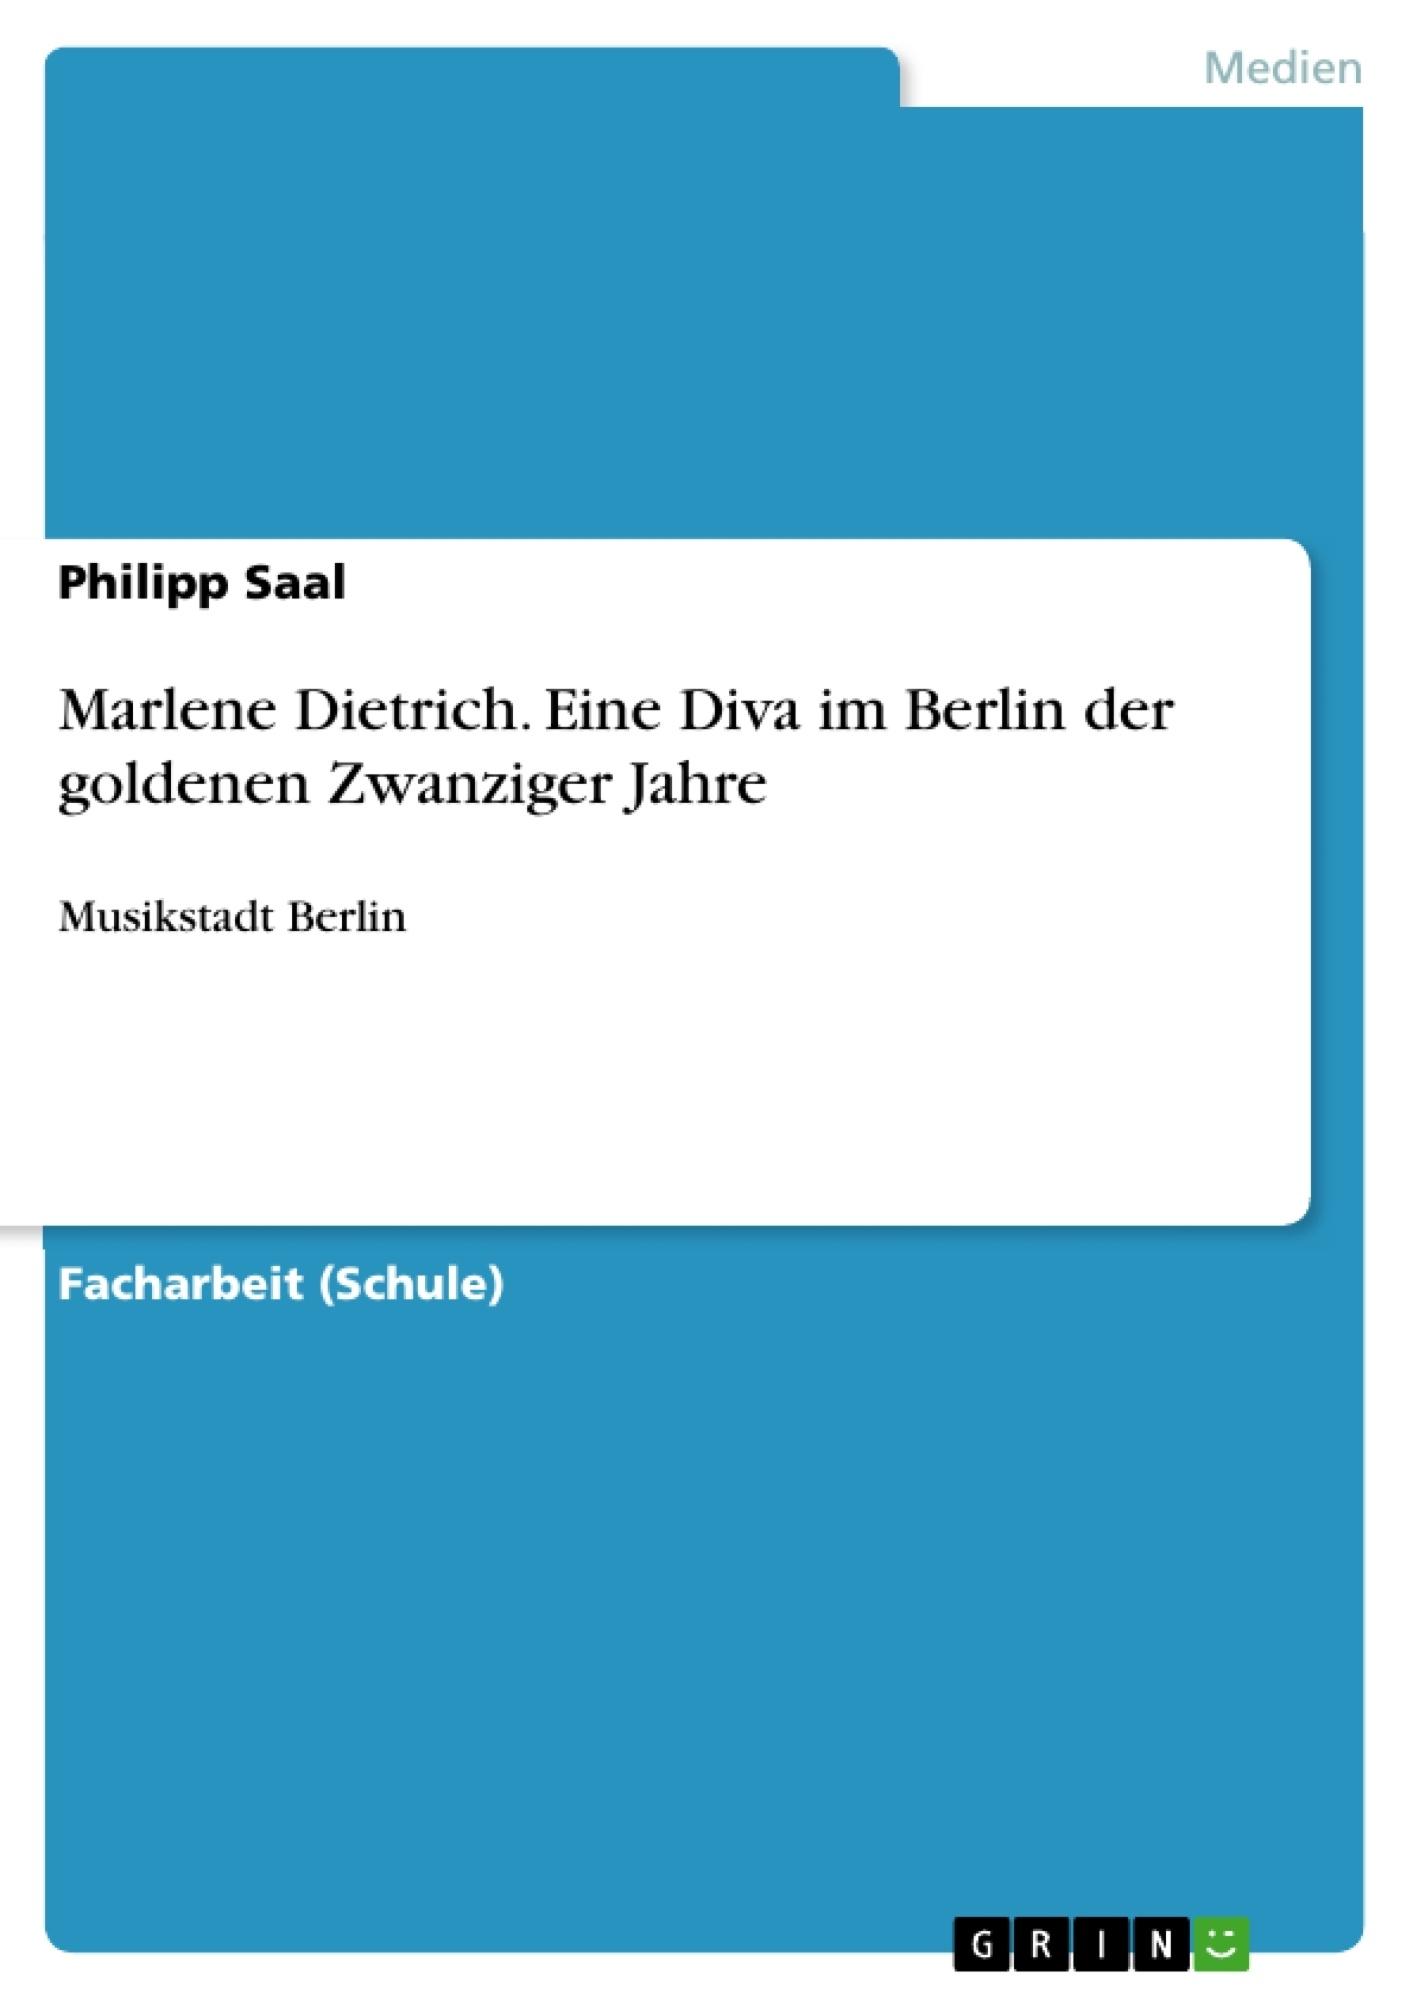 Titel: Marlene Dietrich. Eine Diva im Berlin der goldenen Zwanziger Jahre